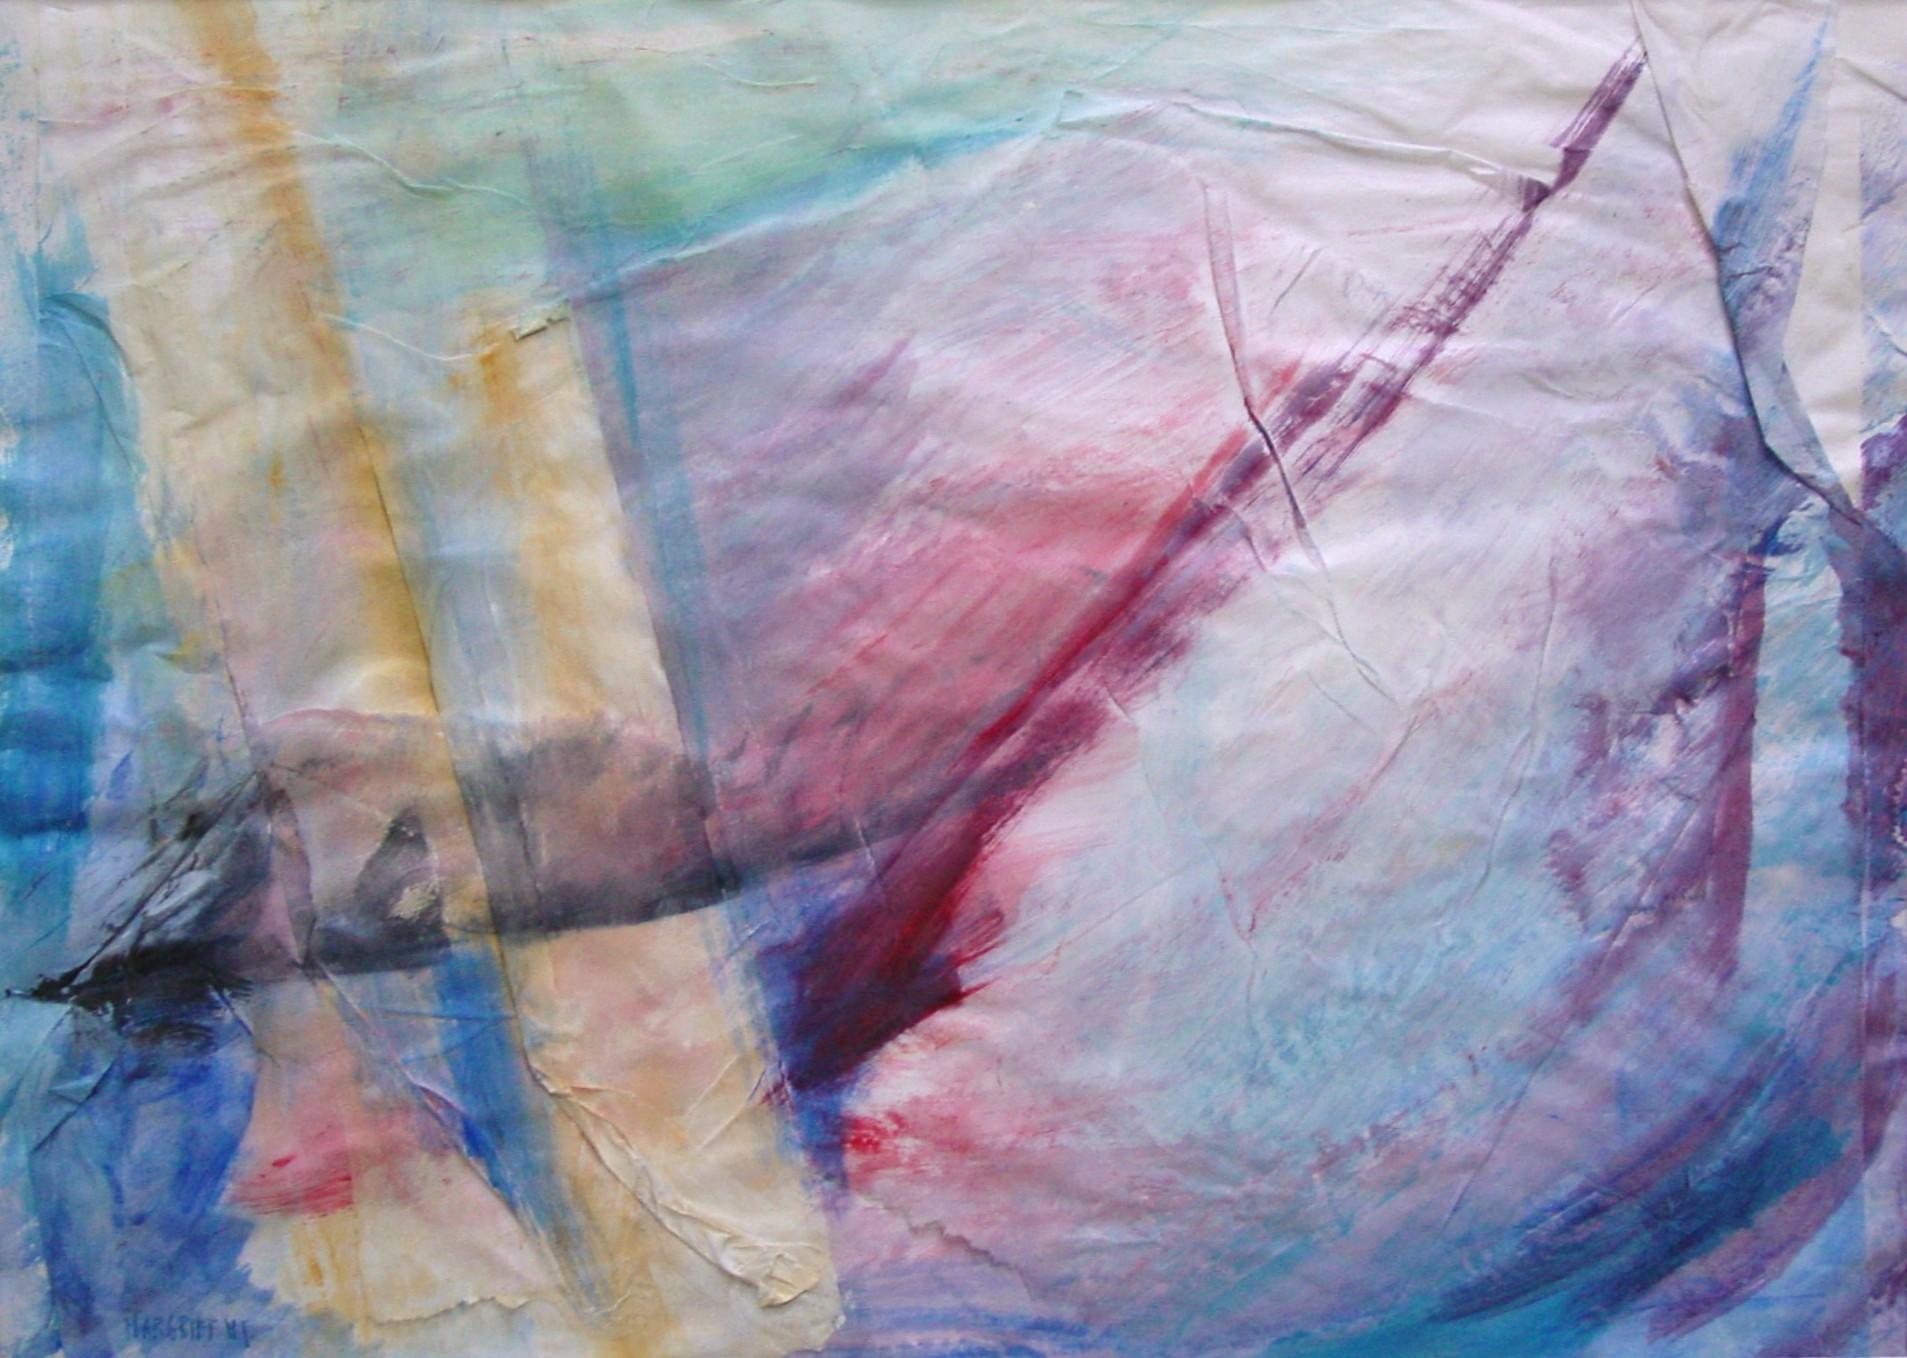 Pier in zicht, acryl, rijstpapier op papier, 43 x 60 cm, 1998